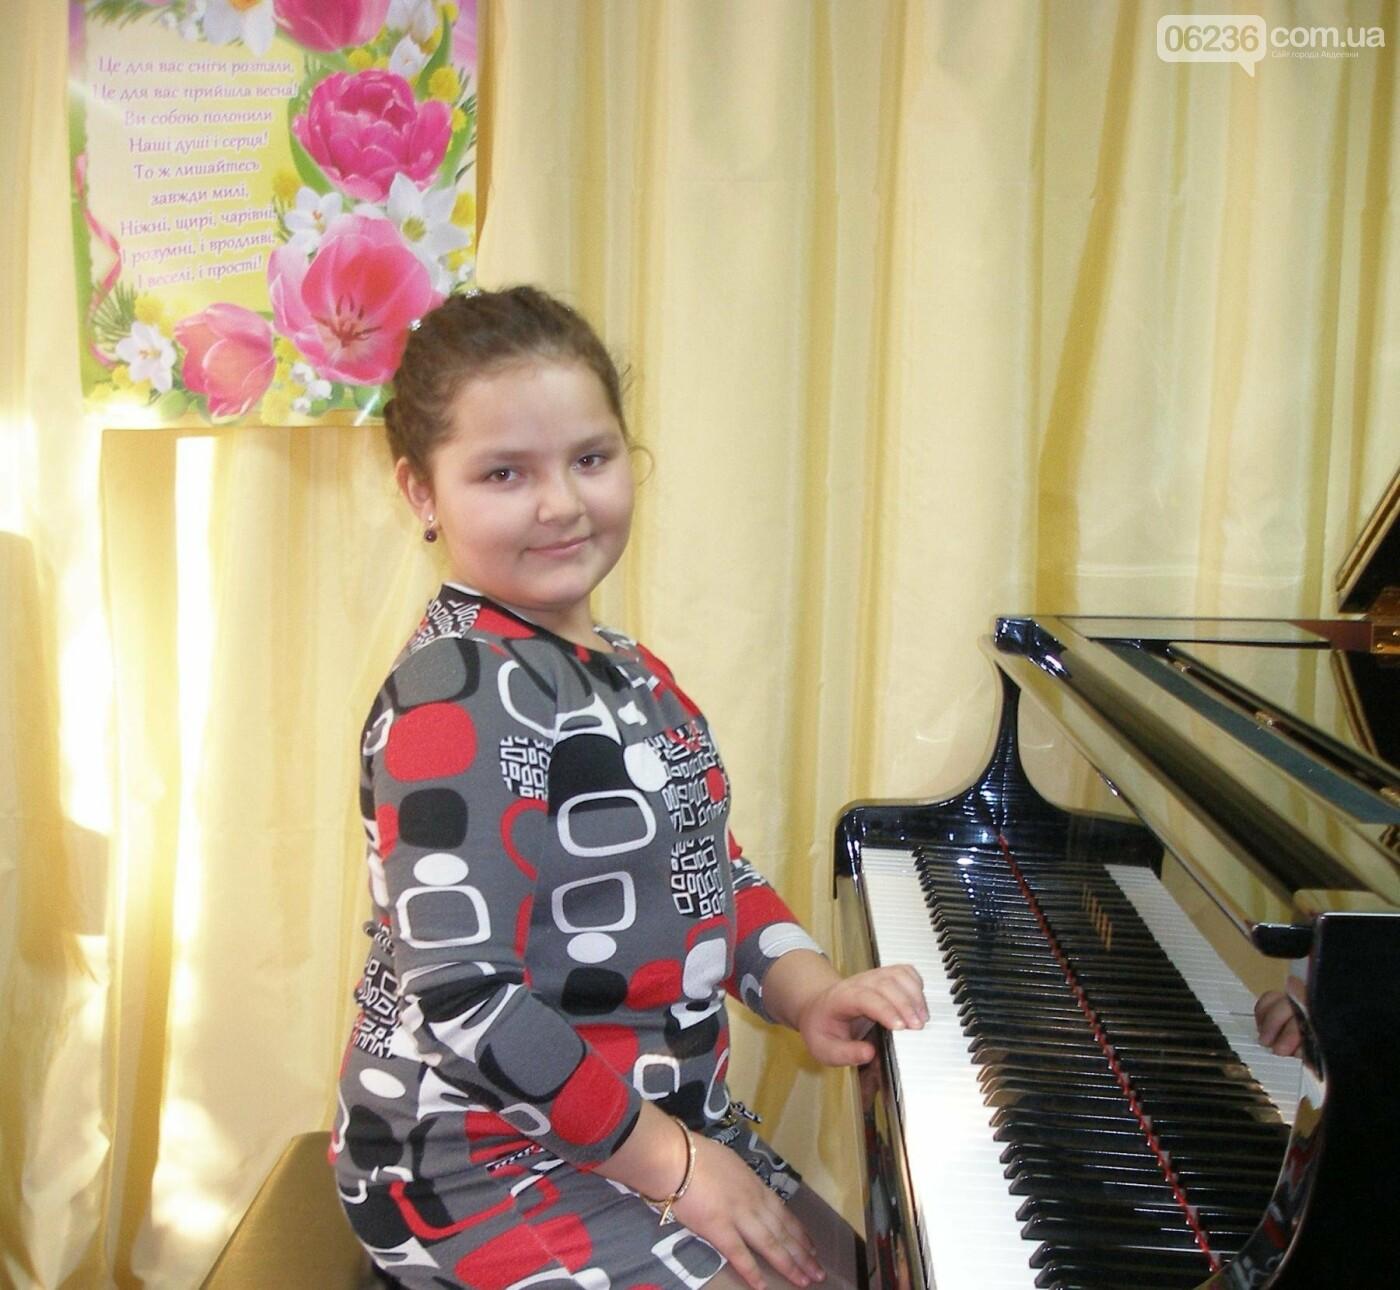 Авдеевские пианисты победили в Открытом конкурсе фортепианной музыки (ФОТО), фото-2